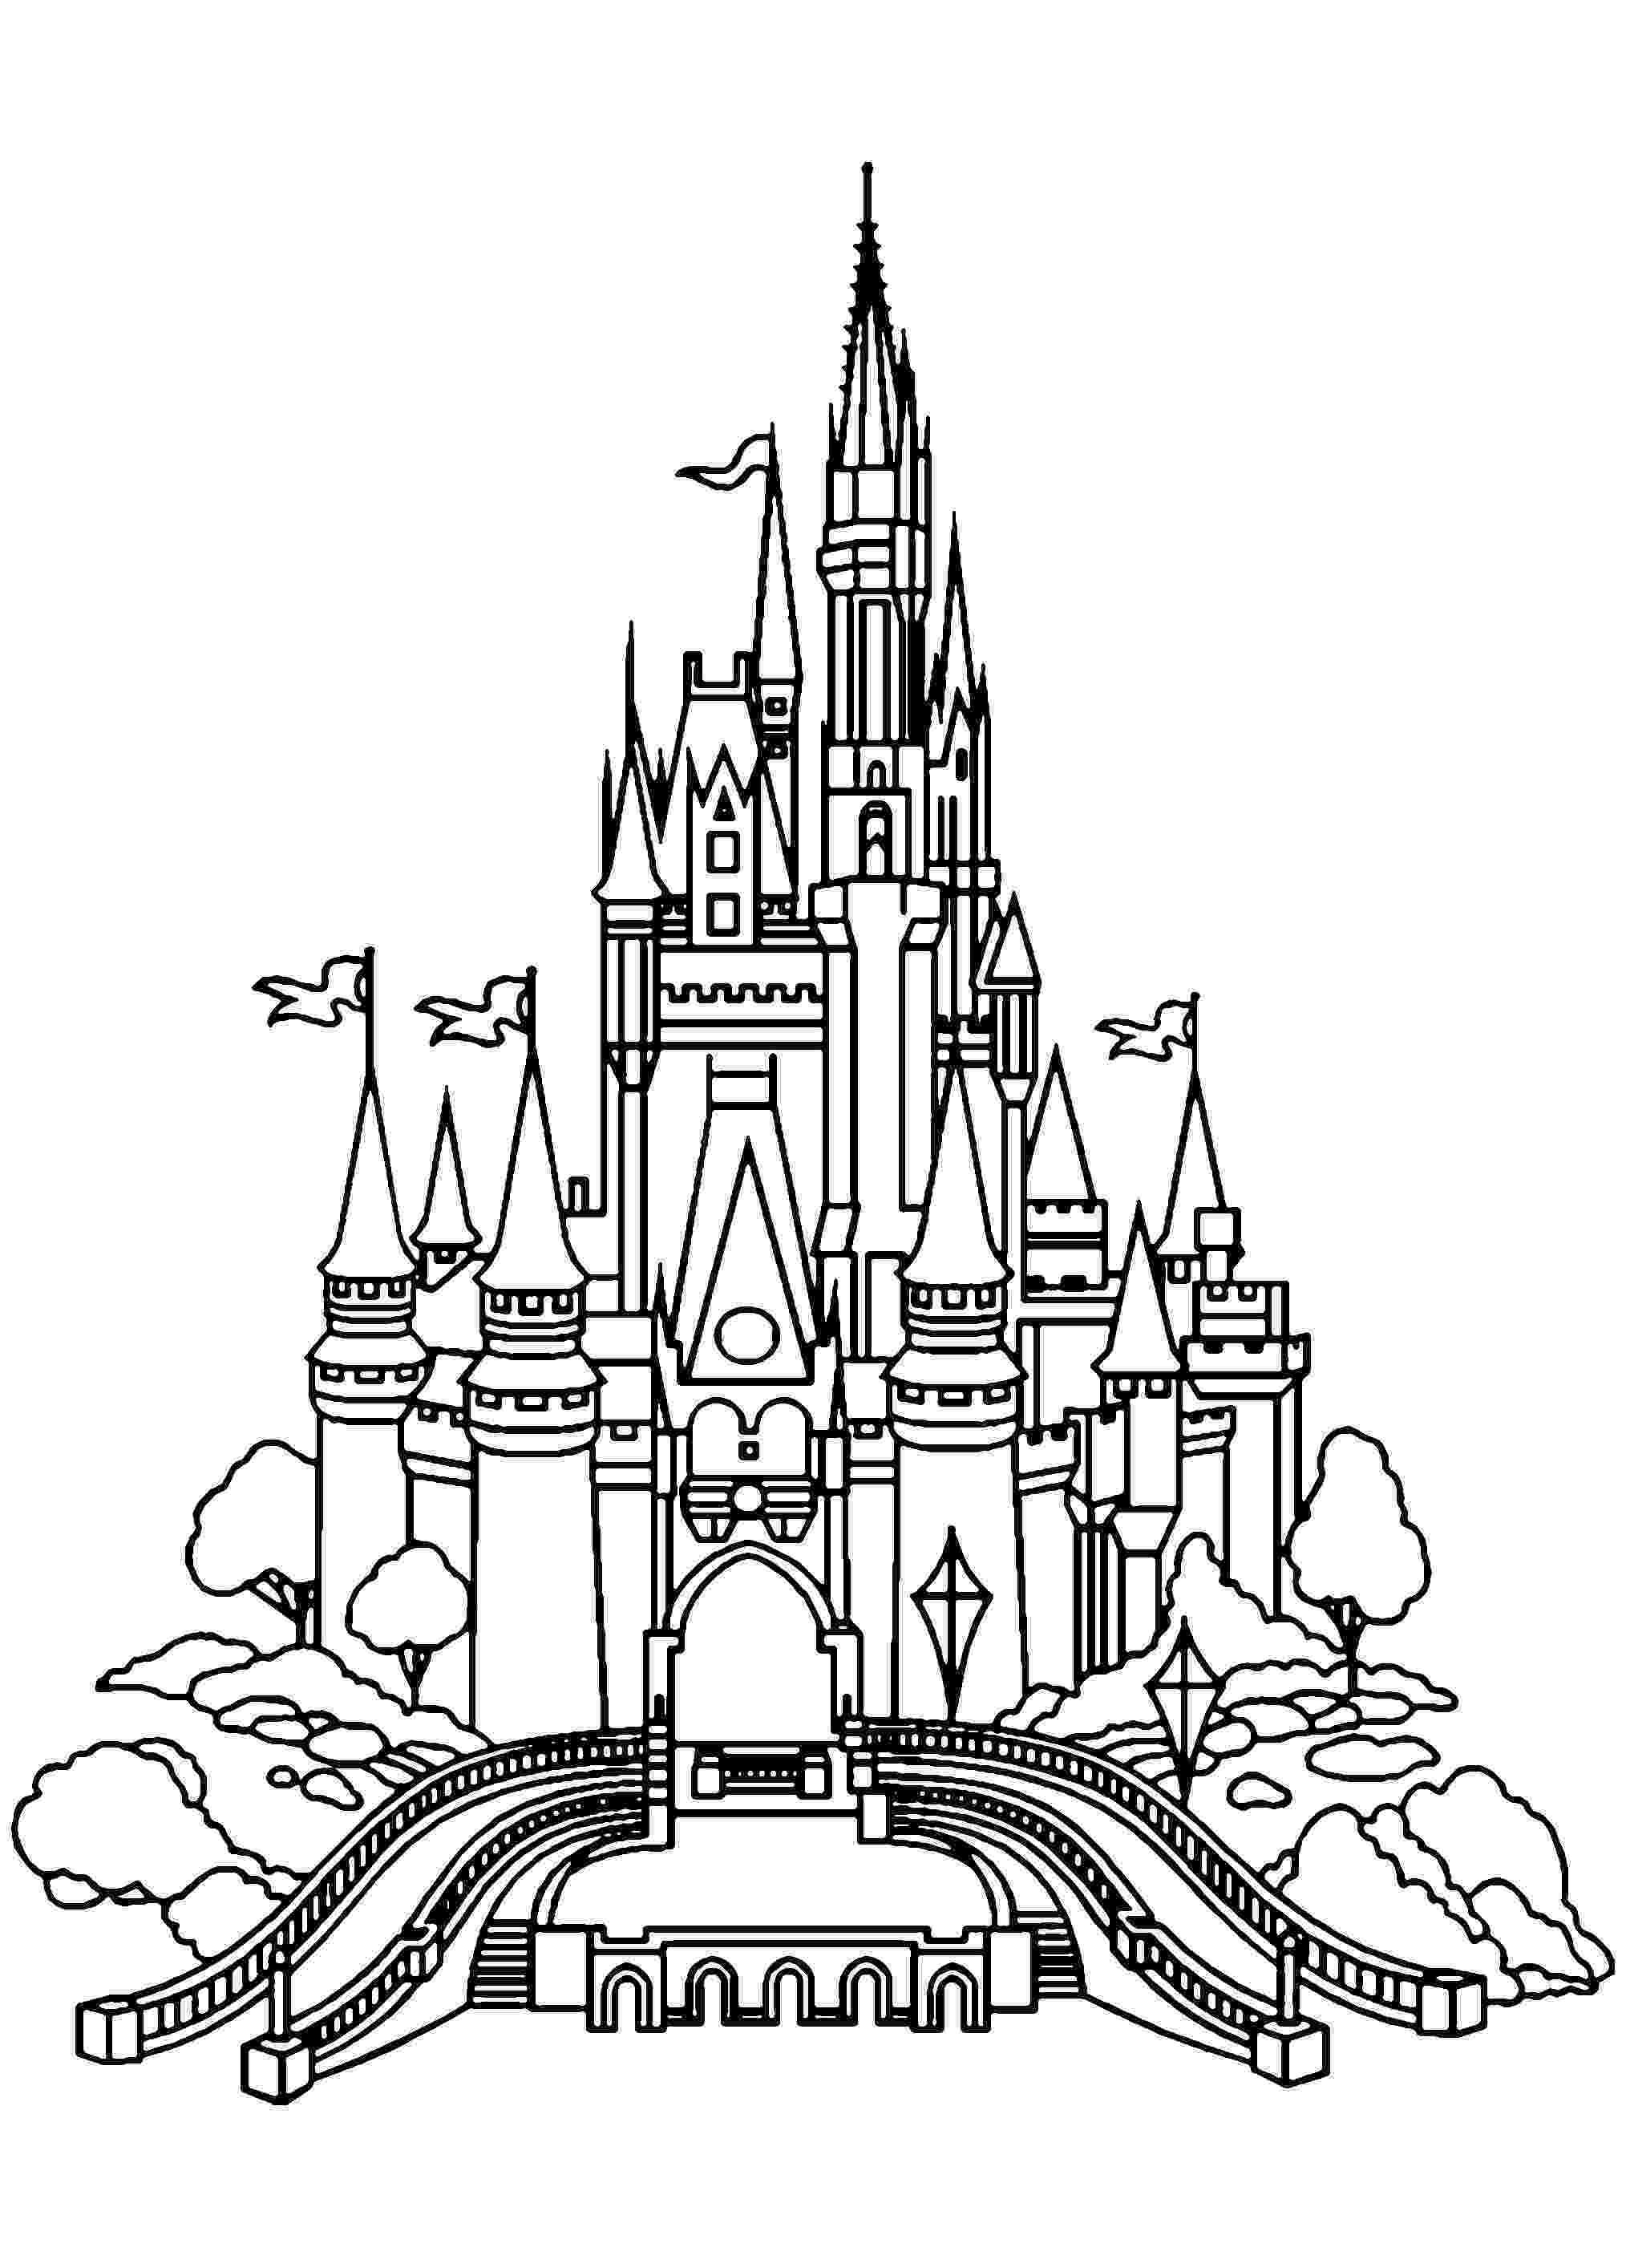 disney castle coloring pages disney princess castle coloring pages to kids pages coloring disney castle